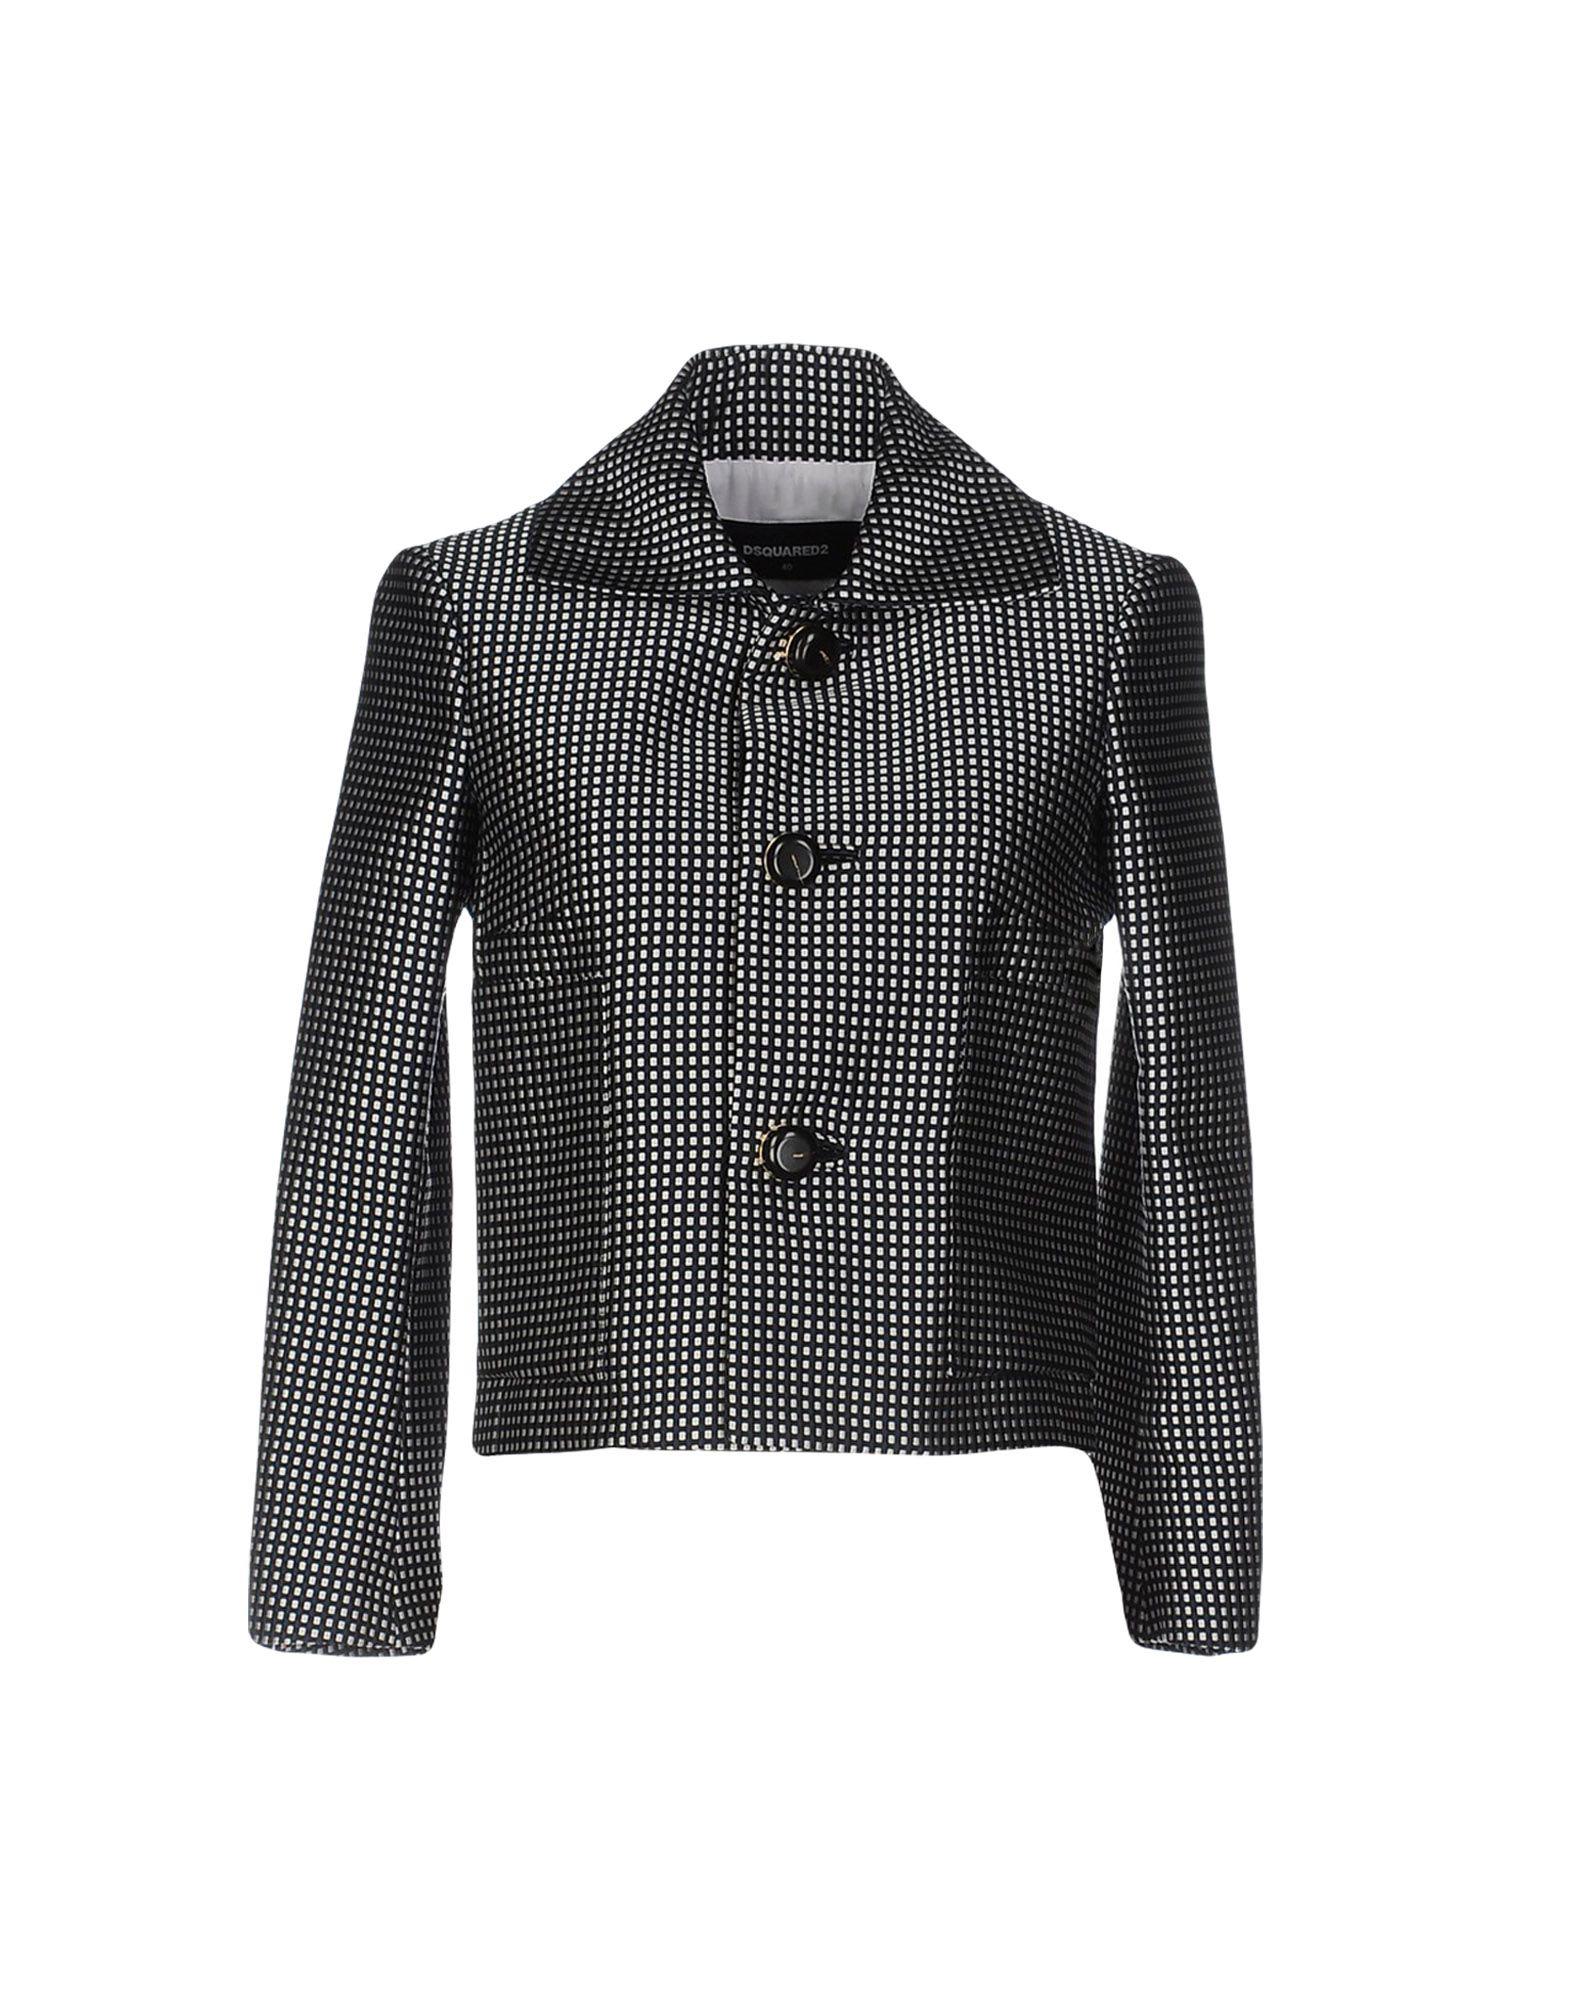 DSQUARED2 Damen Jackett Farbe Schwarz Größe 3